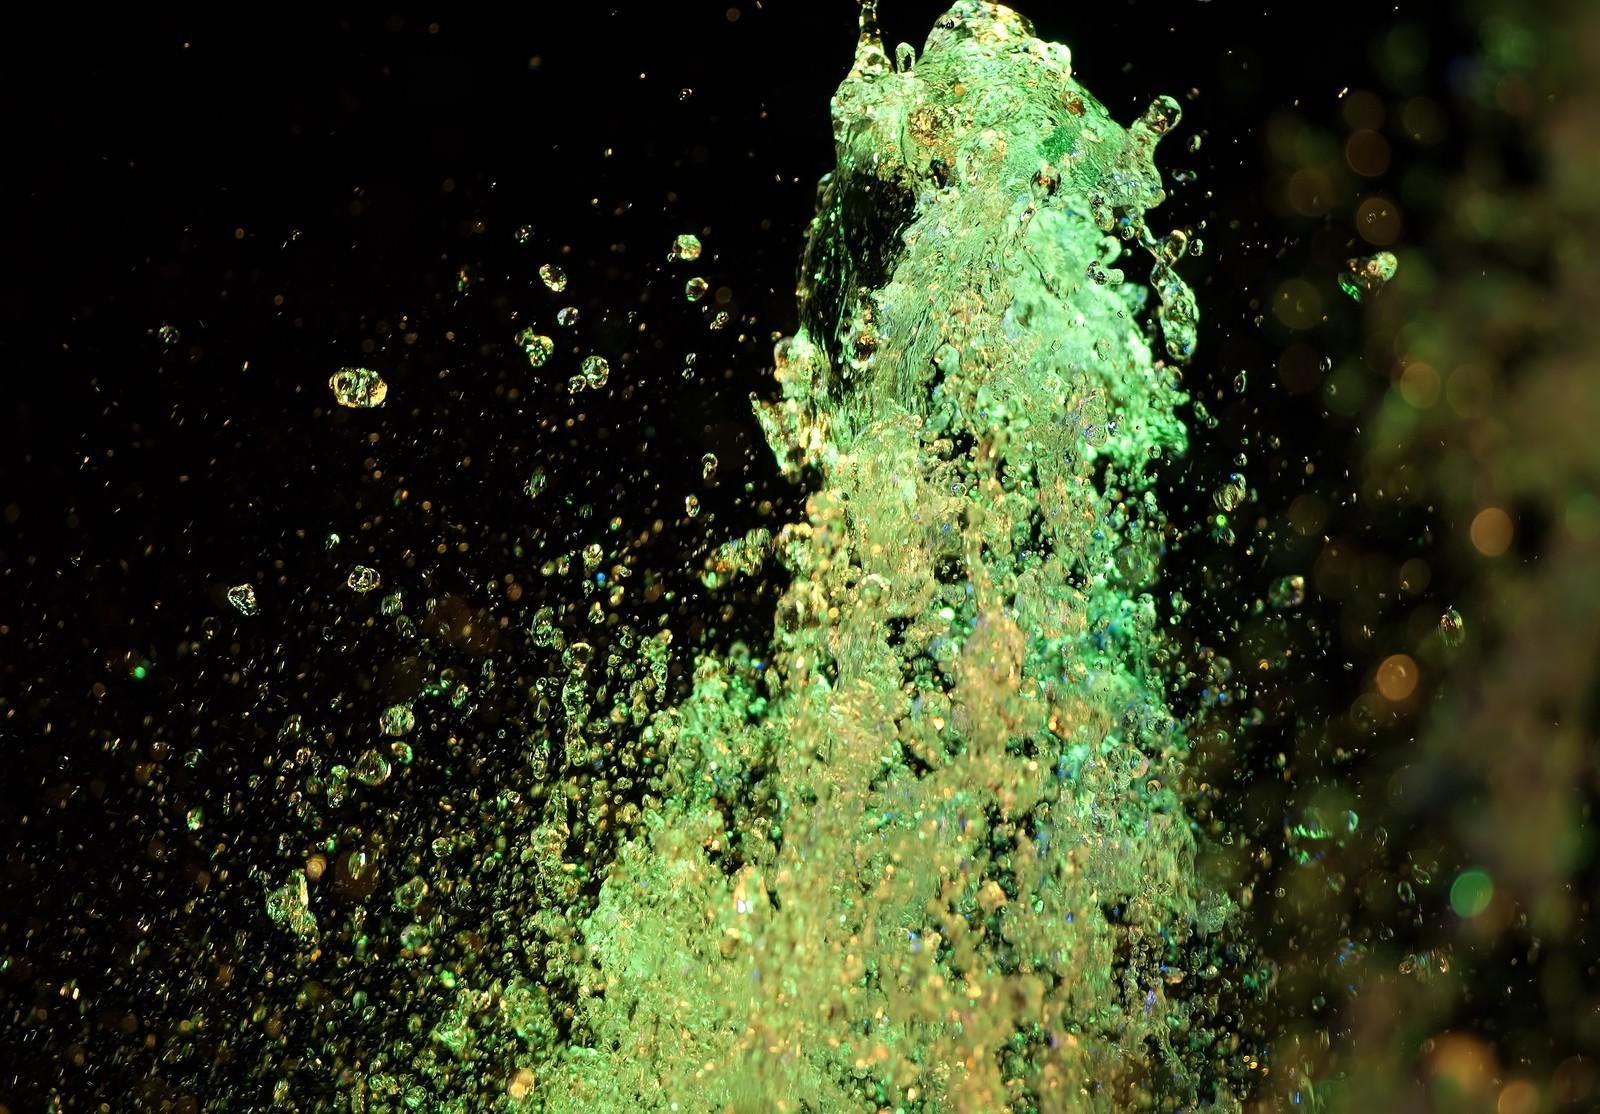 「ライトアップされた噴水の踊る水」の写真